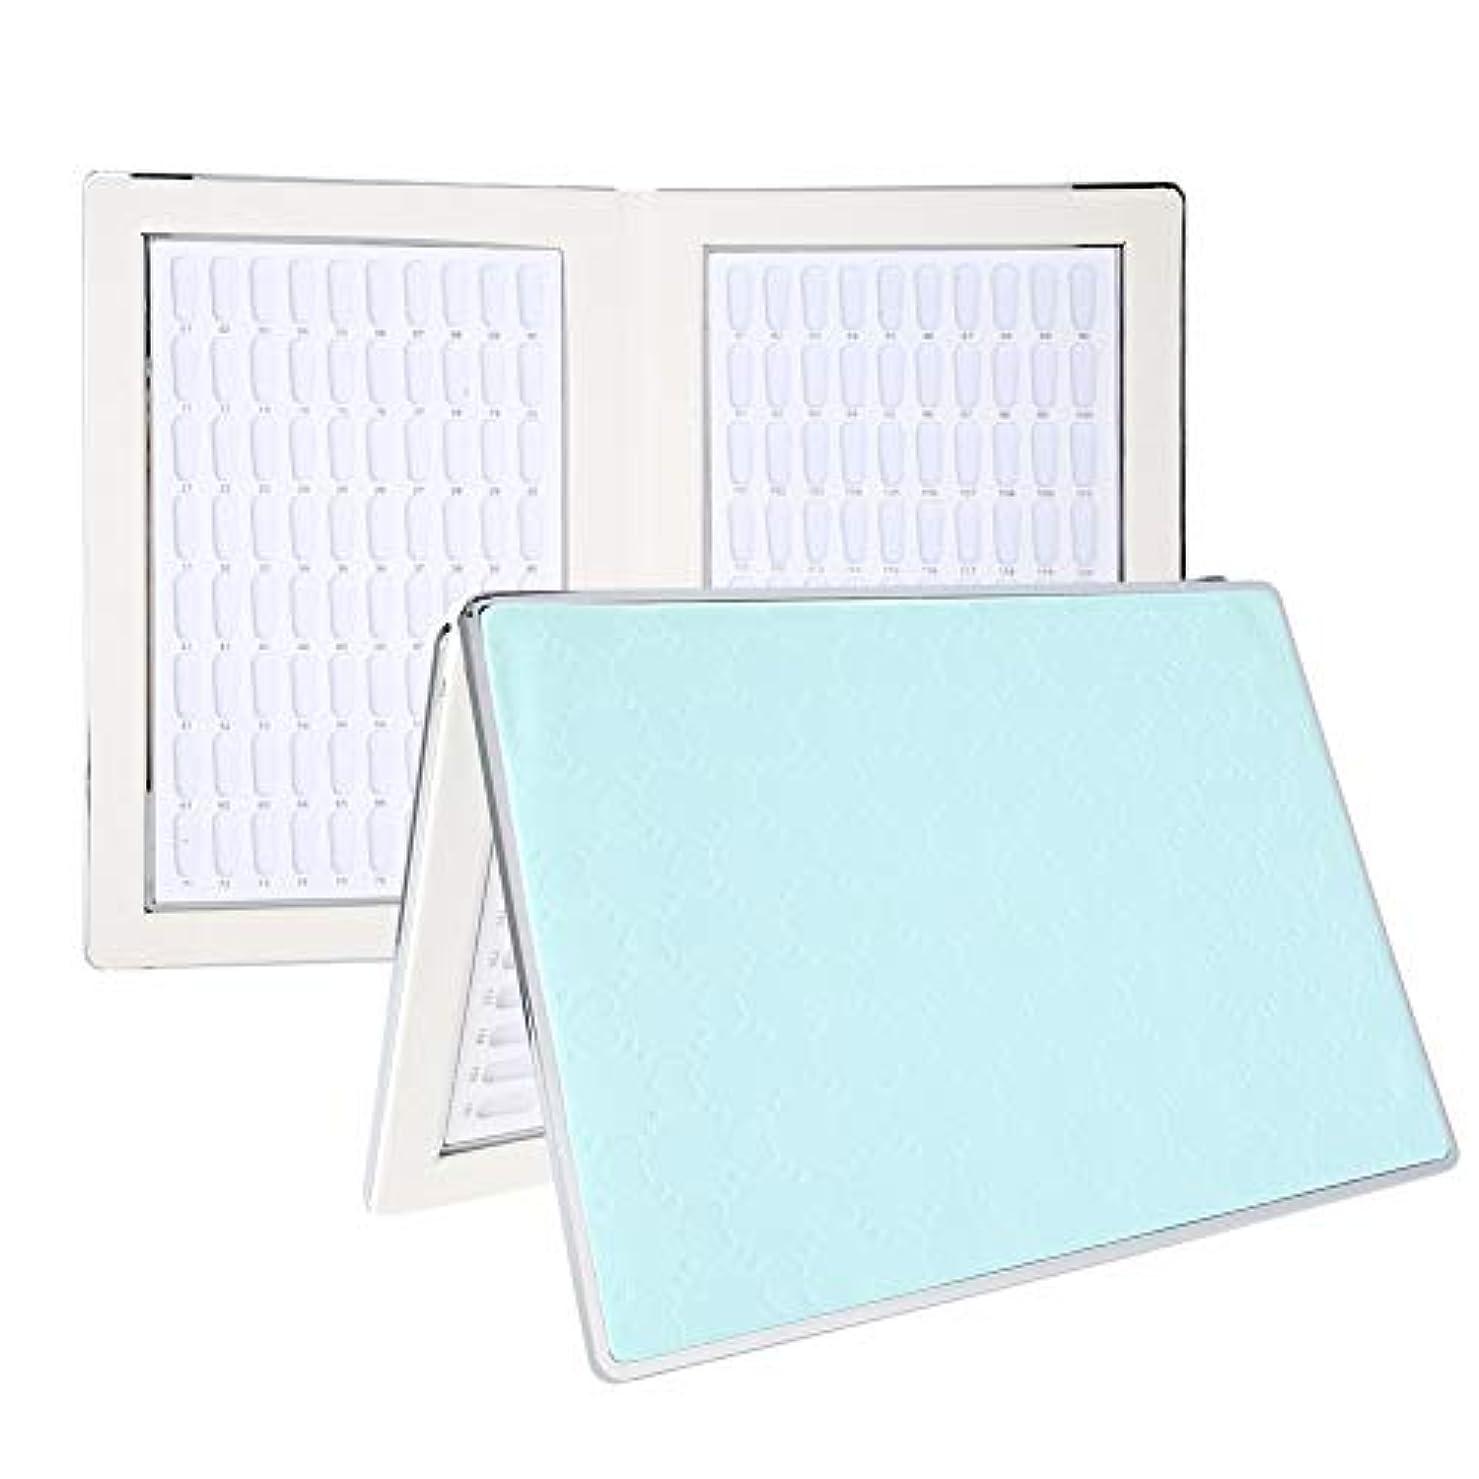 フリッパー強化テクトニックネイルアートディスプレイ 160 ディスプレイスタンド アクセサリー プラスチック板 ネイルポリッシュカラー ディスプレイ サロン (2)